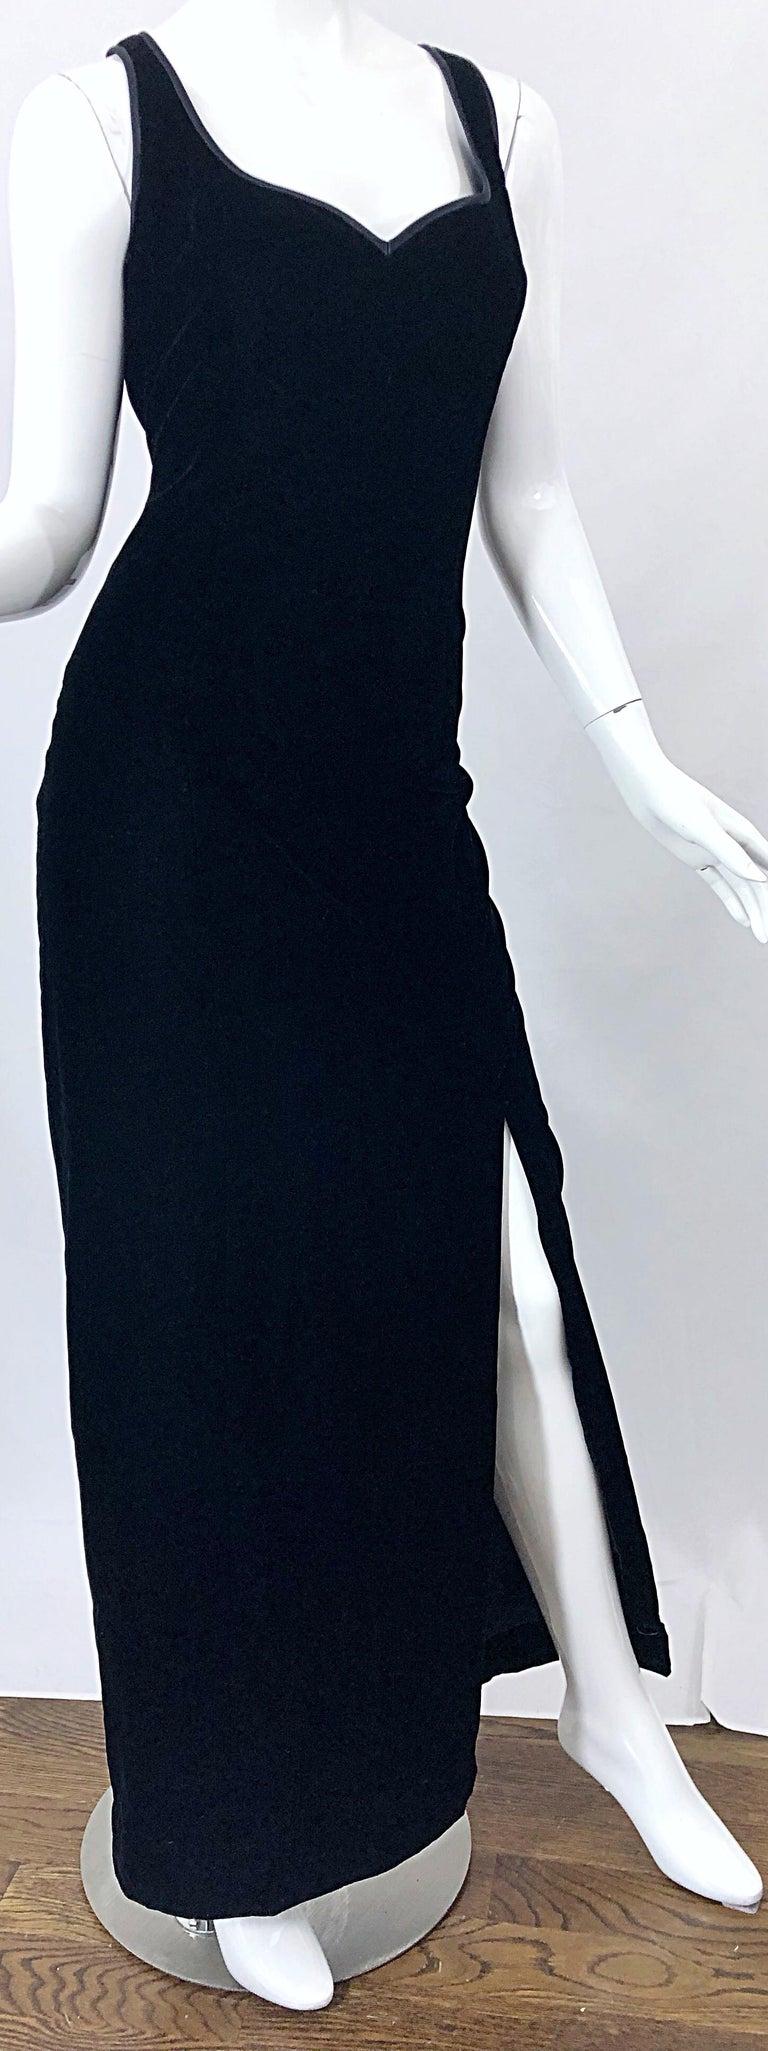 Vintage Bob Mackie Size 14 Black Velvet 1990s Sleeveless Sweetheart 90s Gown For Sale 1